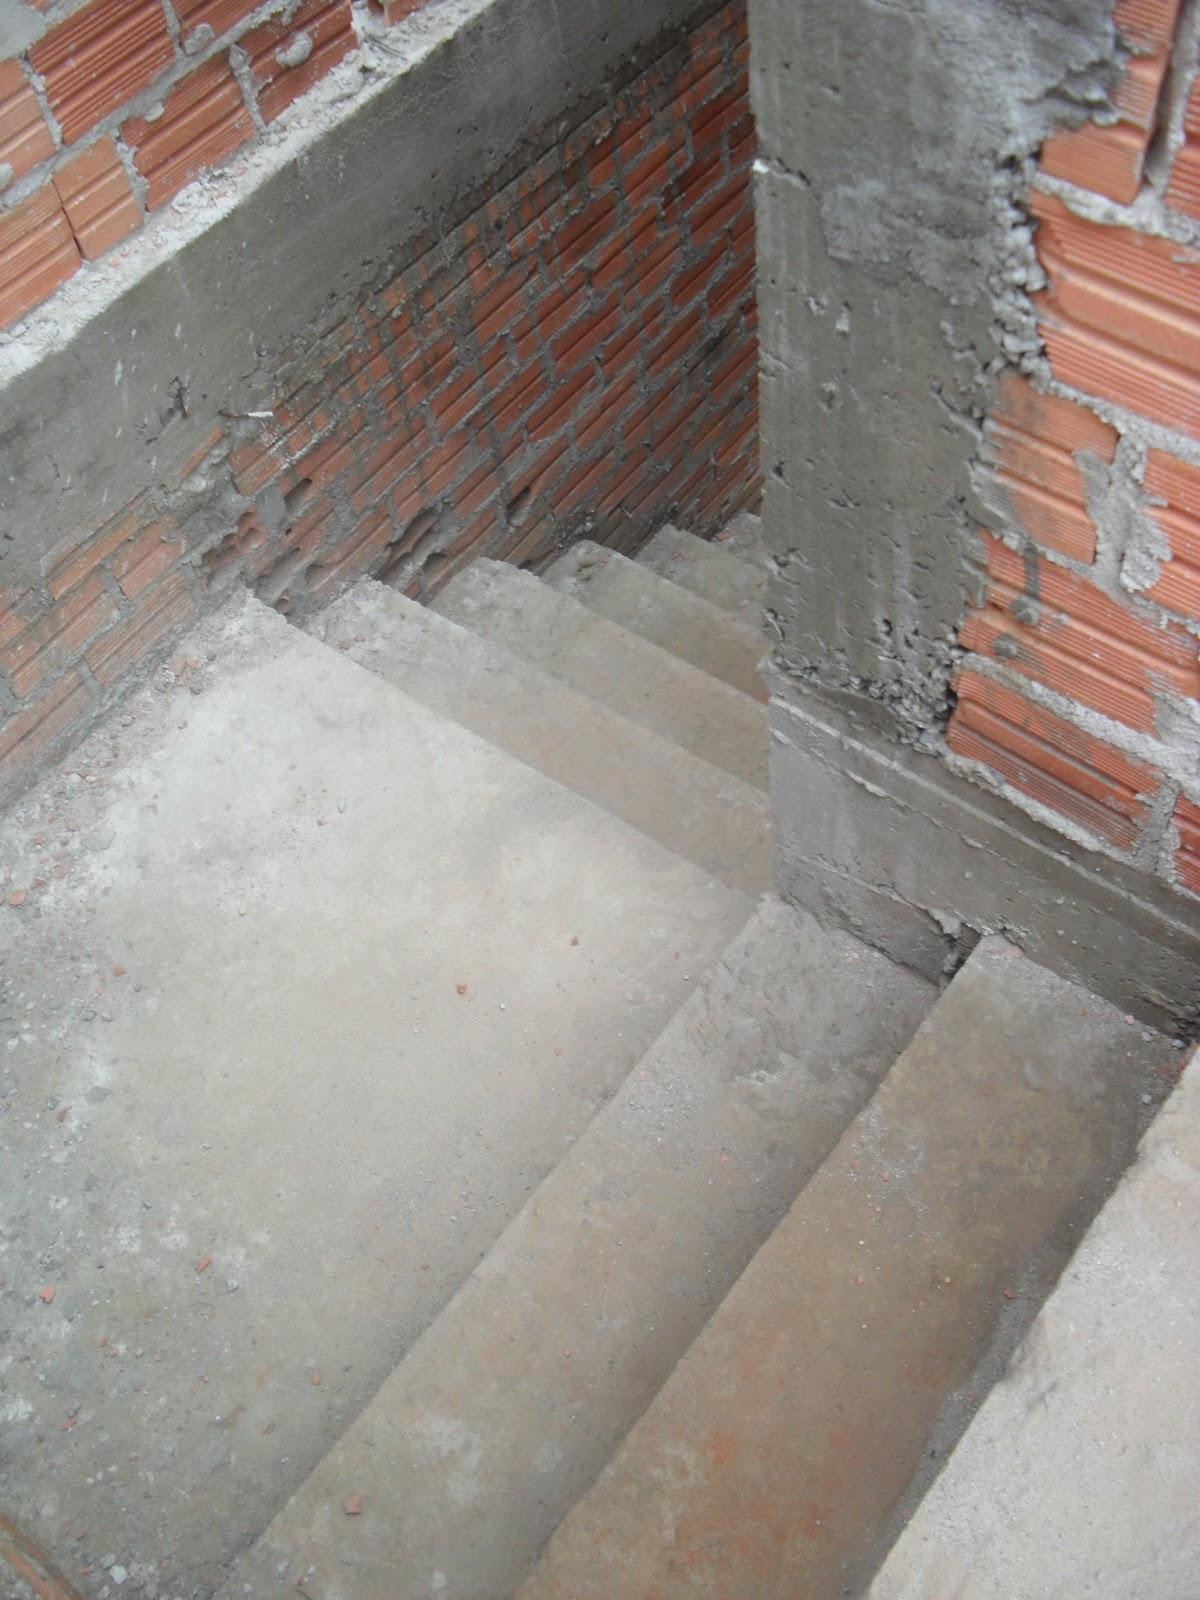 Construindo minha casa meu sonho Com fé em Deus tudo é alcançado  #81594A 1200 1600